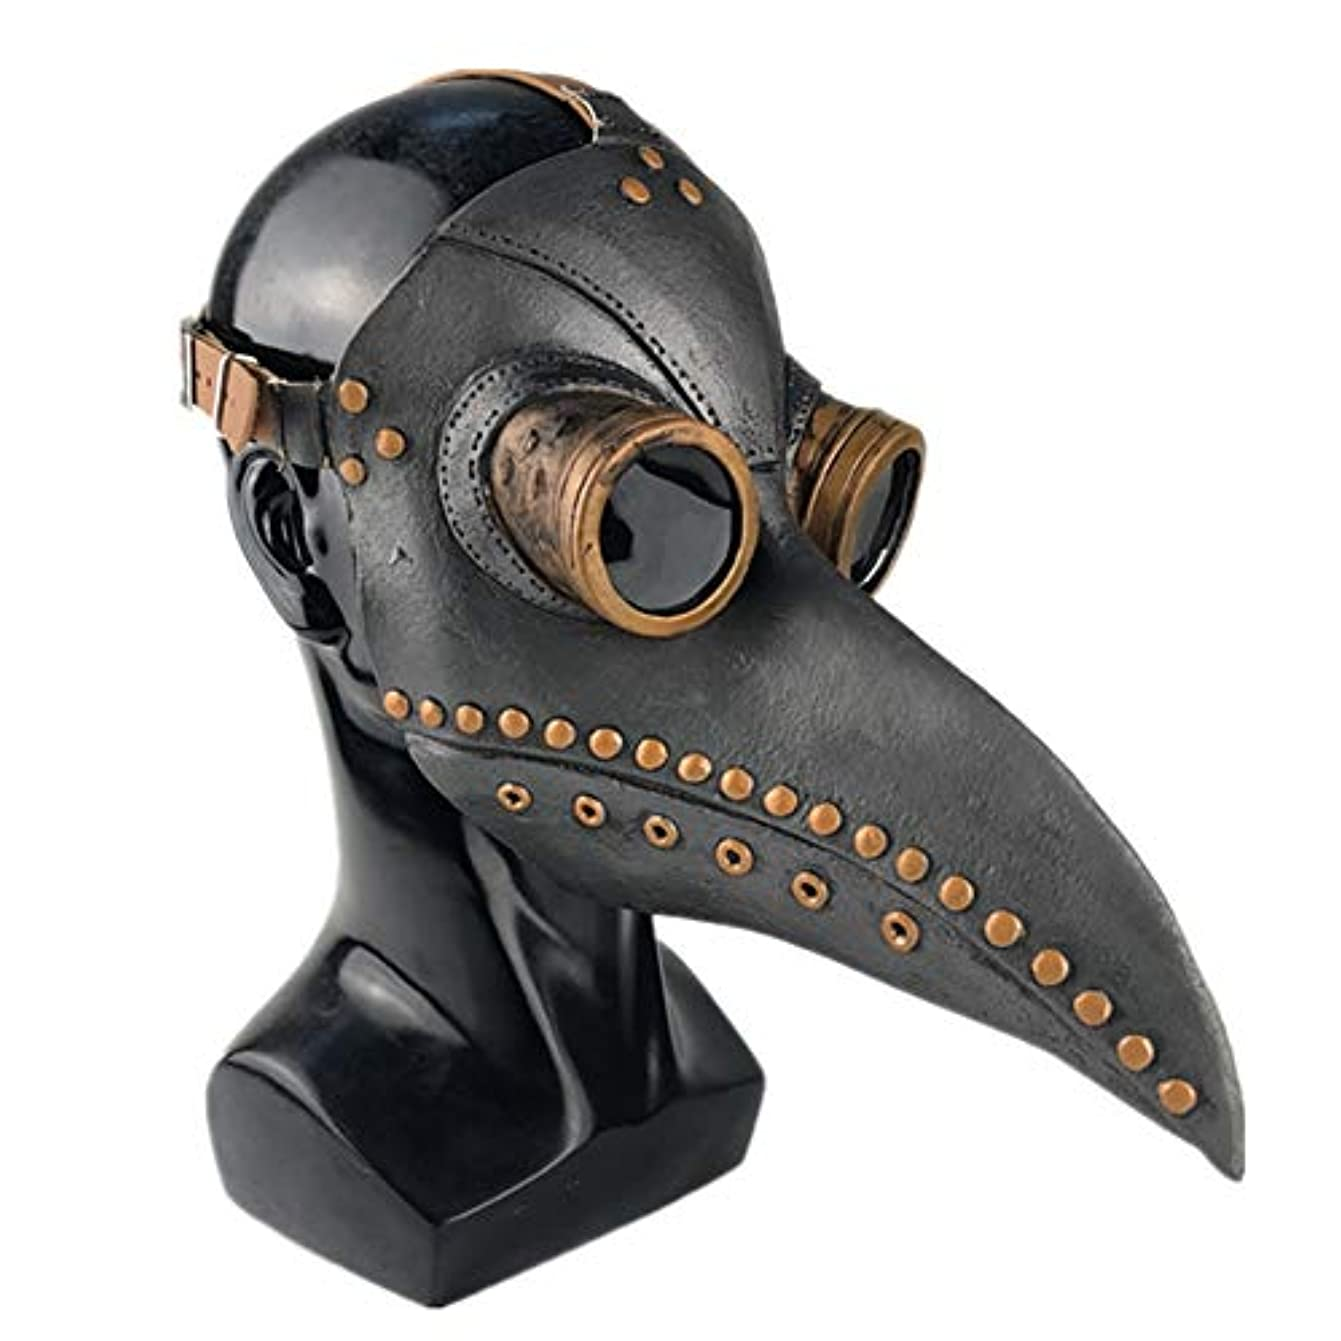 屋内で住居伝導Esolom ハロウィンマスク ペストスチーム喙ドクターマスク ホリデーパーティー用品 黒 銅の爪 ホラーマスク ハロウィンデコレーション 通気性